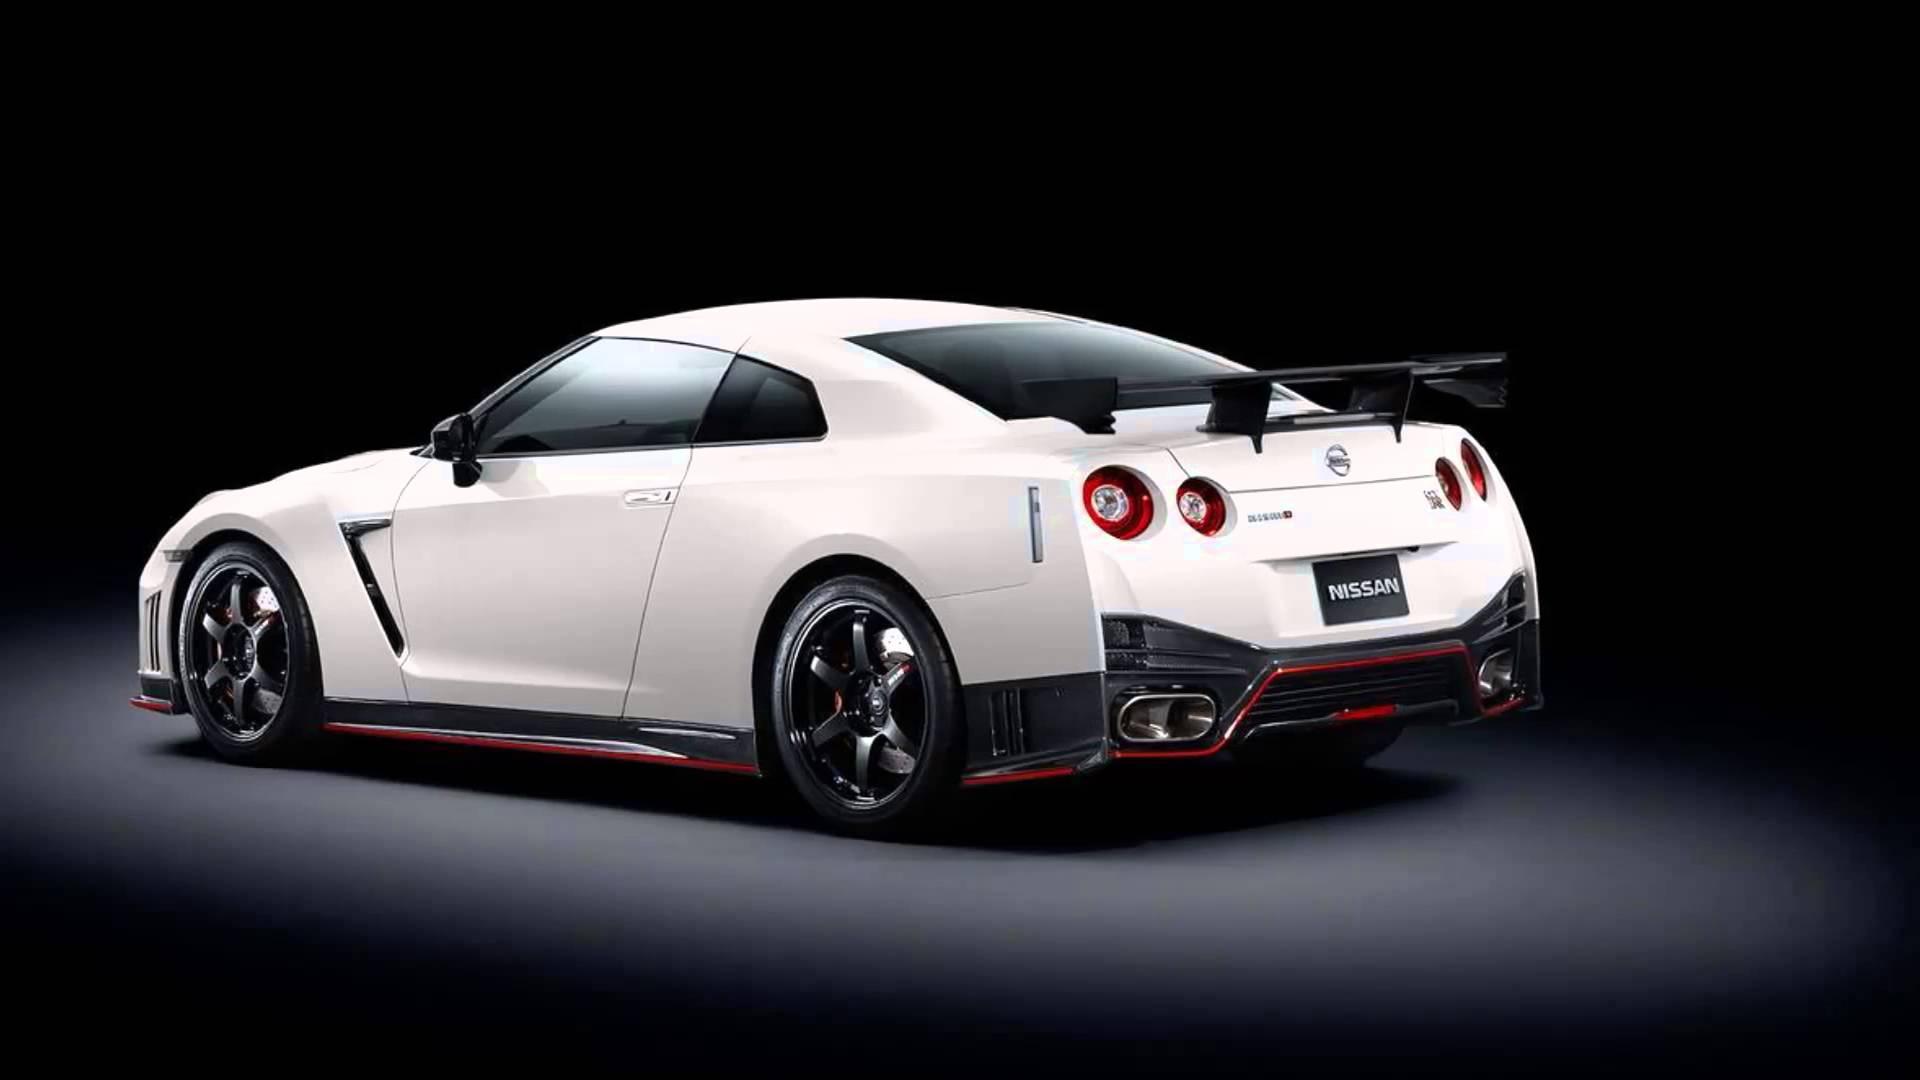 À la découverte de la Nissan GT-R NISMO 2017 pour les passionnés de mécanique auto